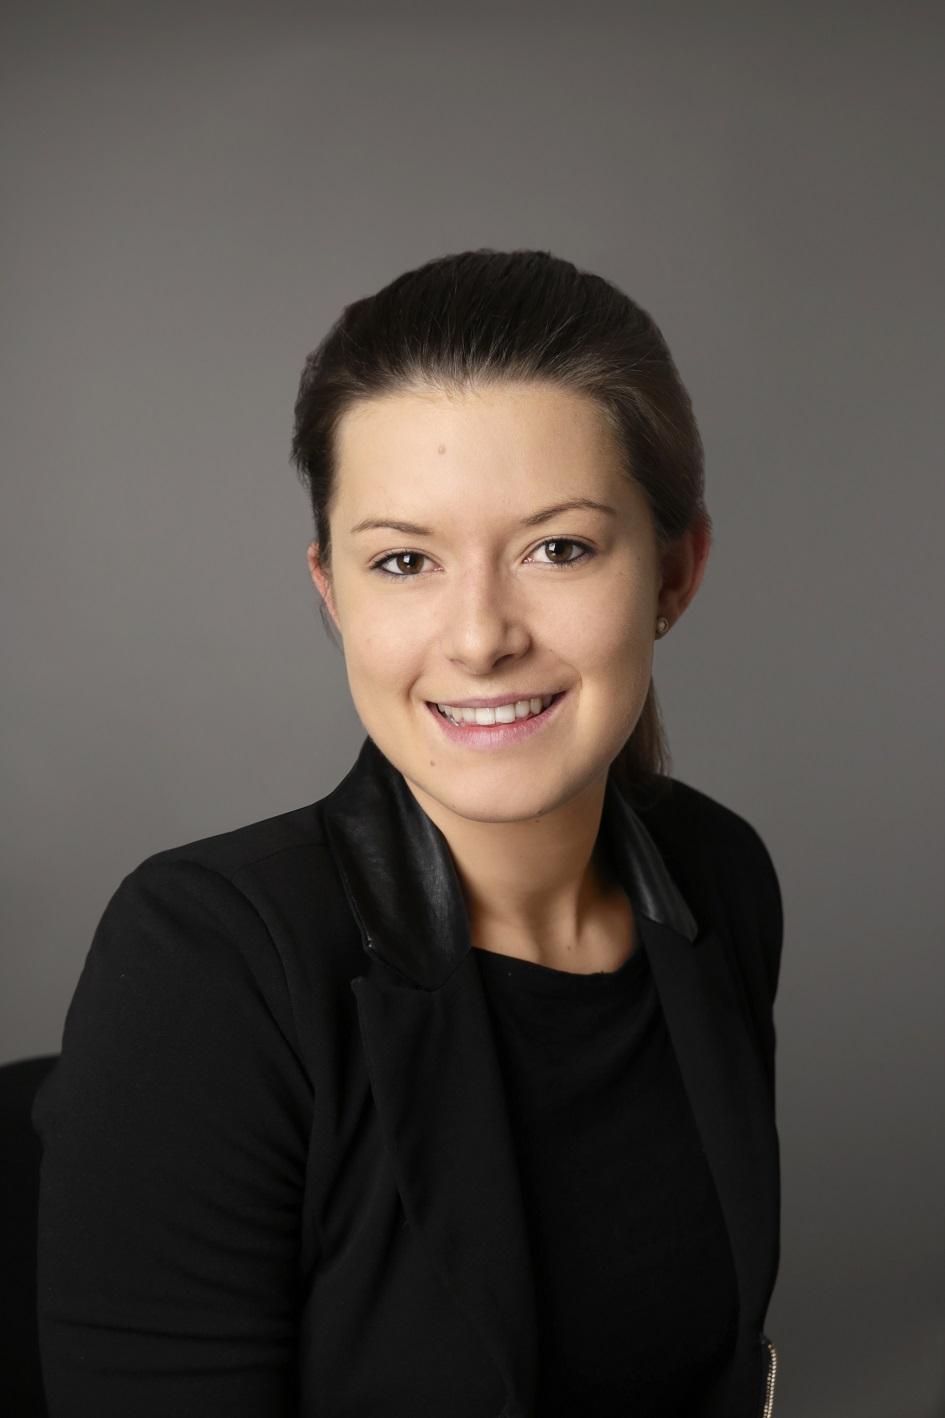 Zita Lettenmeier